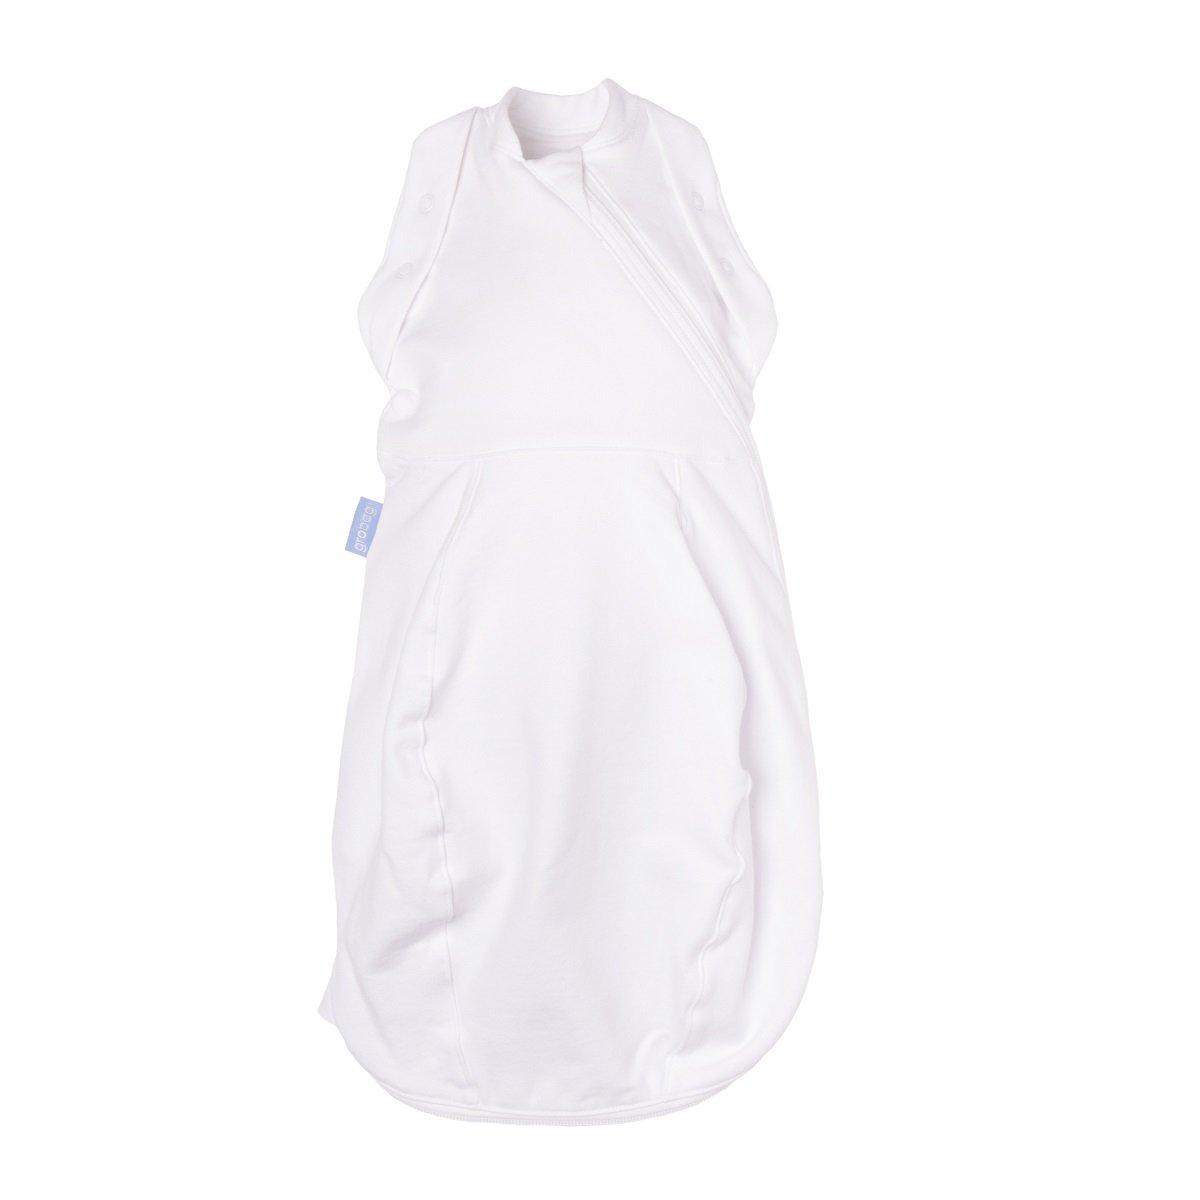 包裹睡袋 - 輕盈版 - 純白